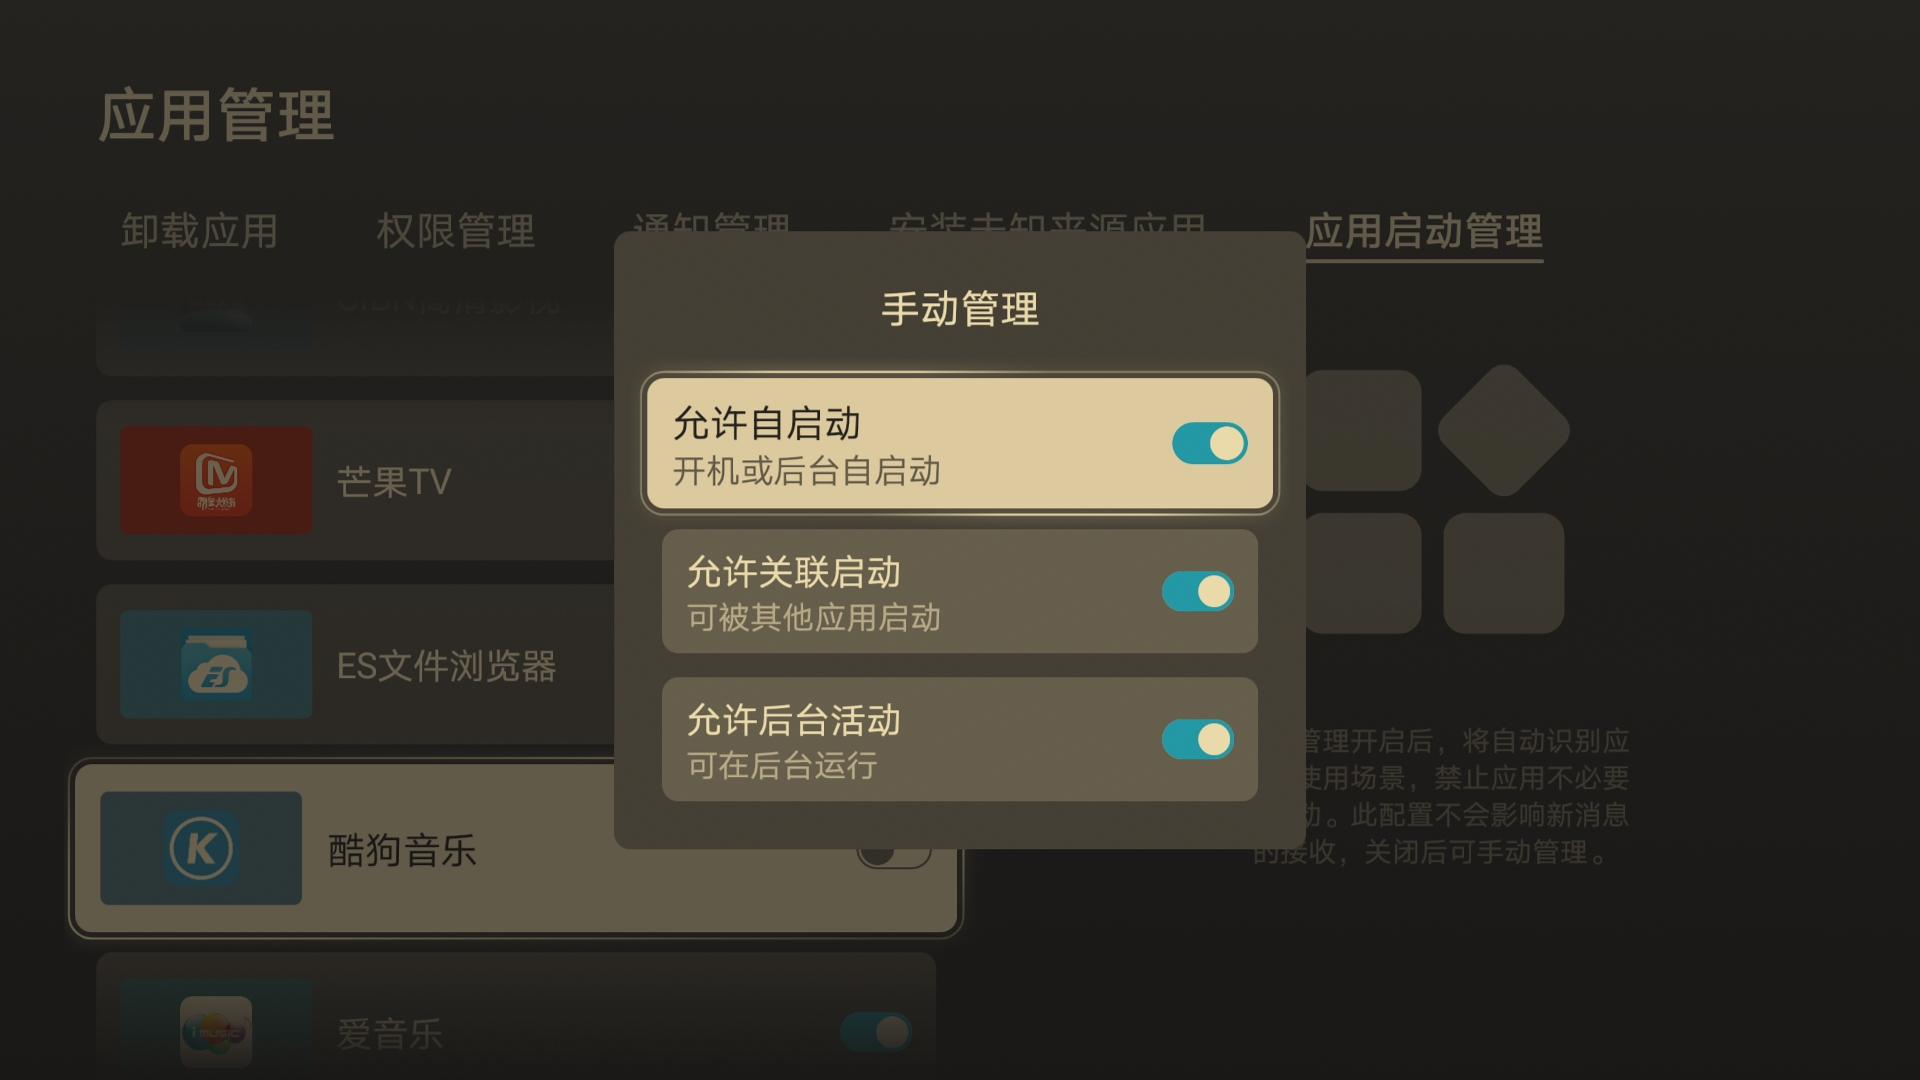 screenshot_20210205101205120.jpg